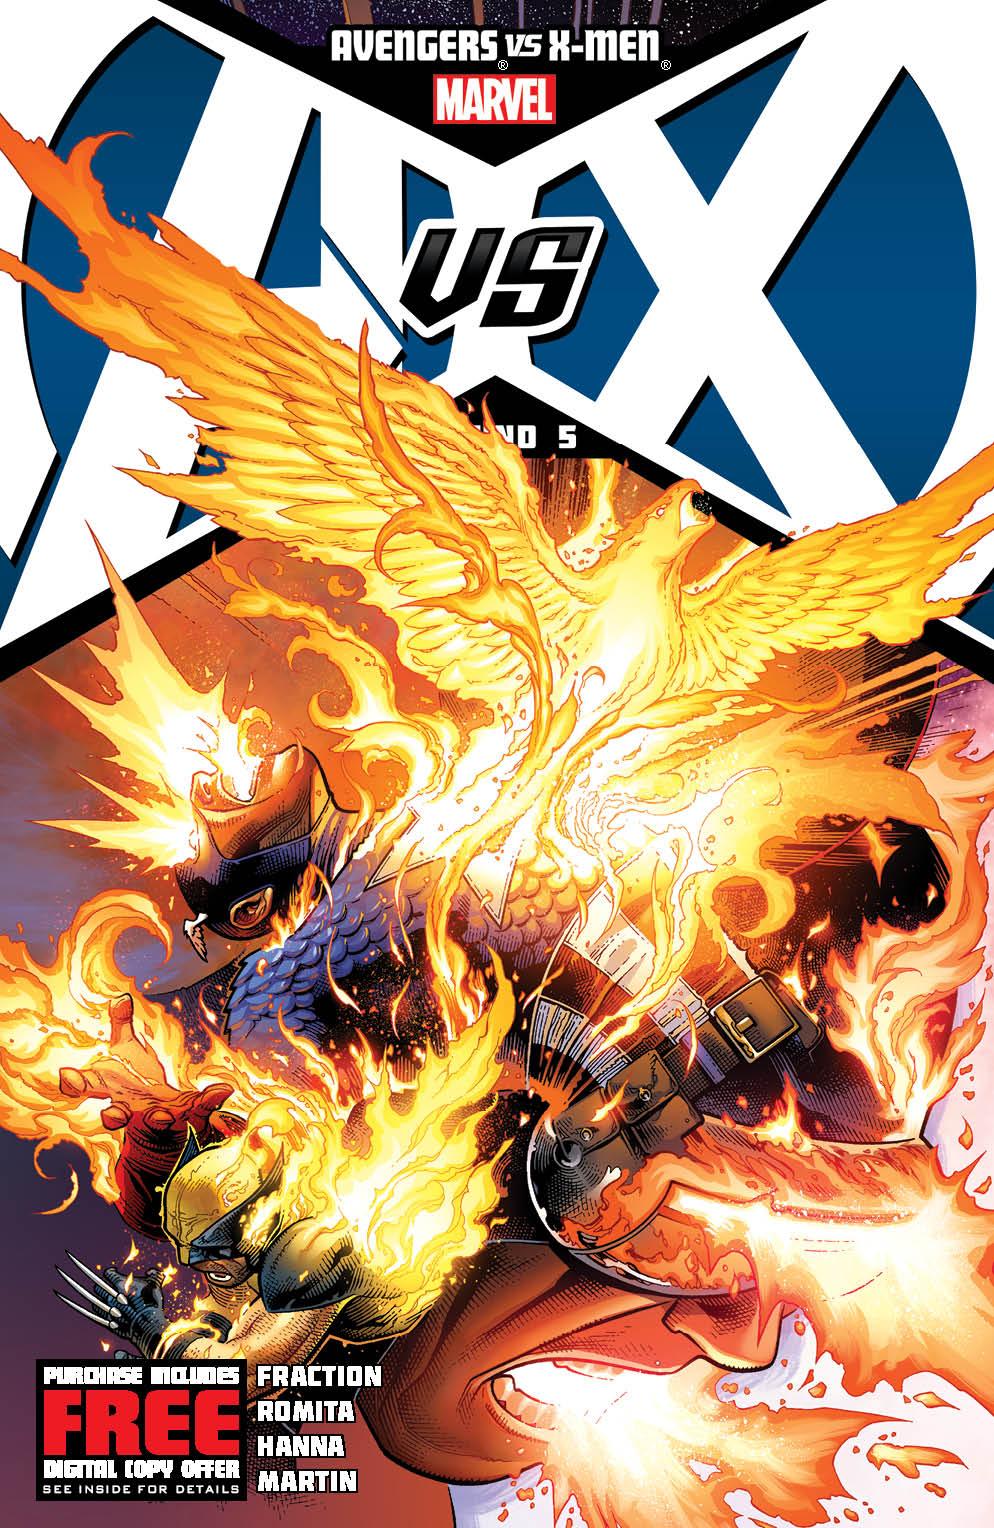 AvengersVSXMen_5_Cover Marvel reveals four new AVENGERS VS. X-MEN covers